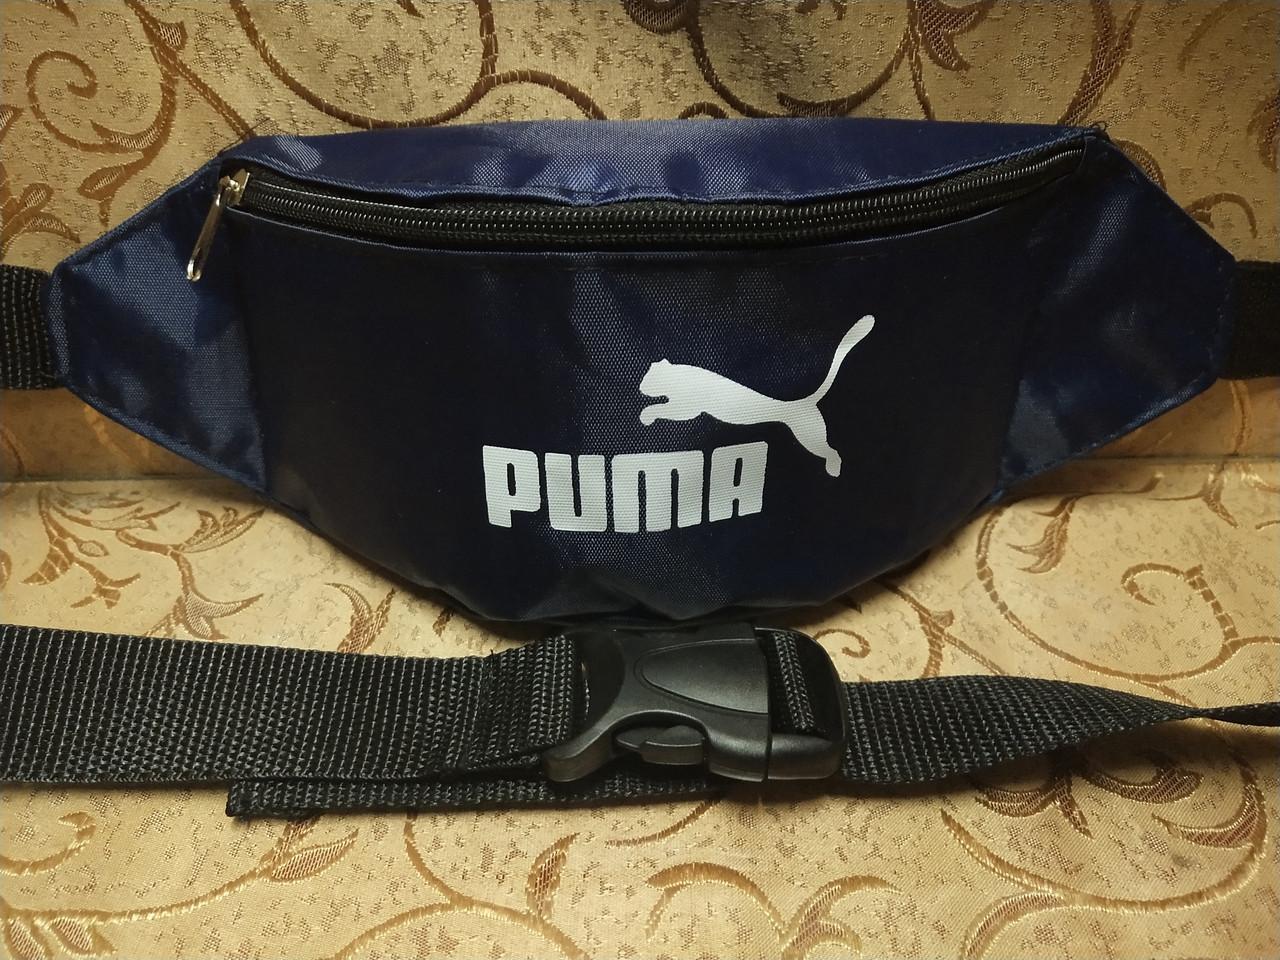 Сумка на пояс puma водонепроницаемый/Спортивные барсетки Сумка женский и мужские пояс Бананка оптом